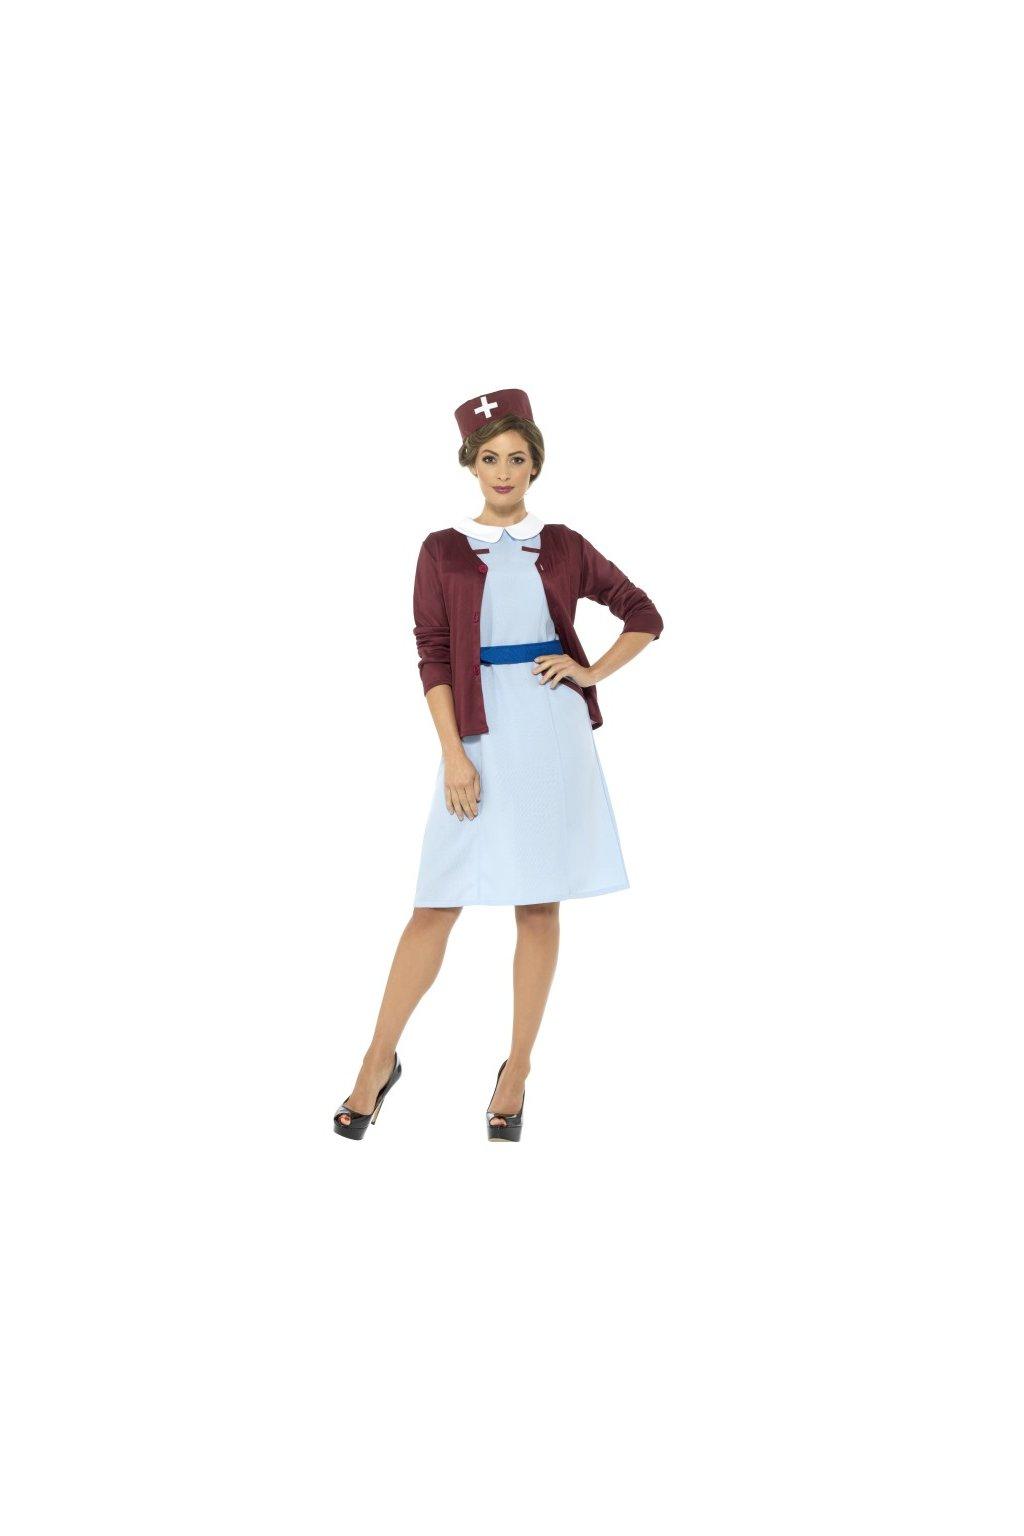 Kostým zdravotní sestry z roku 1950